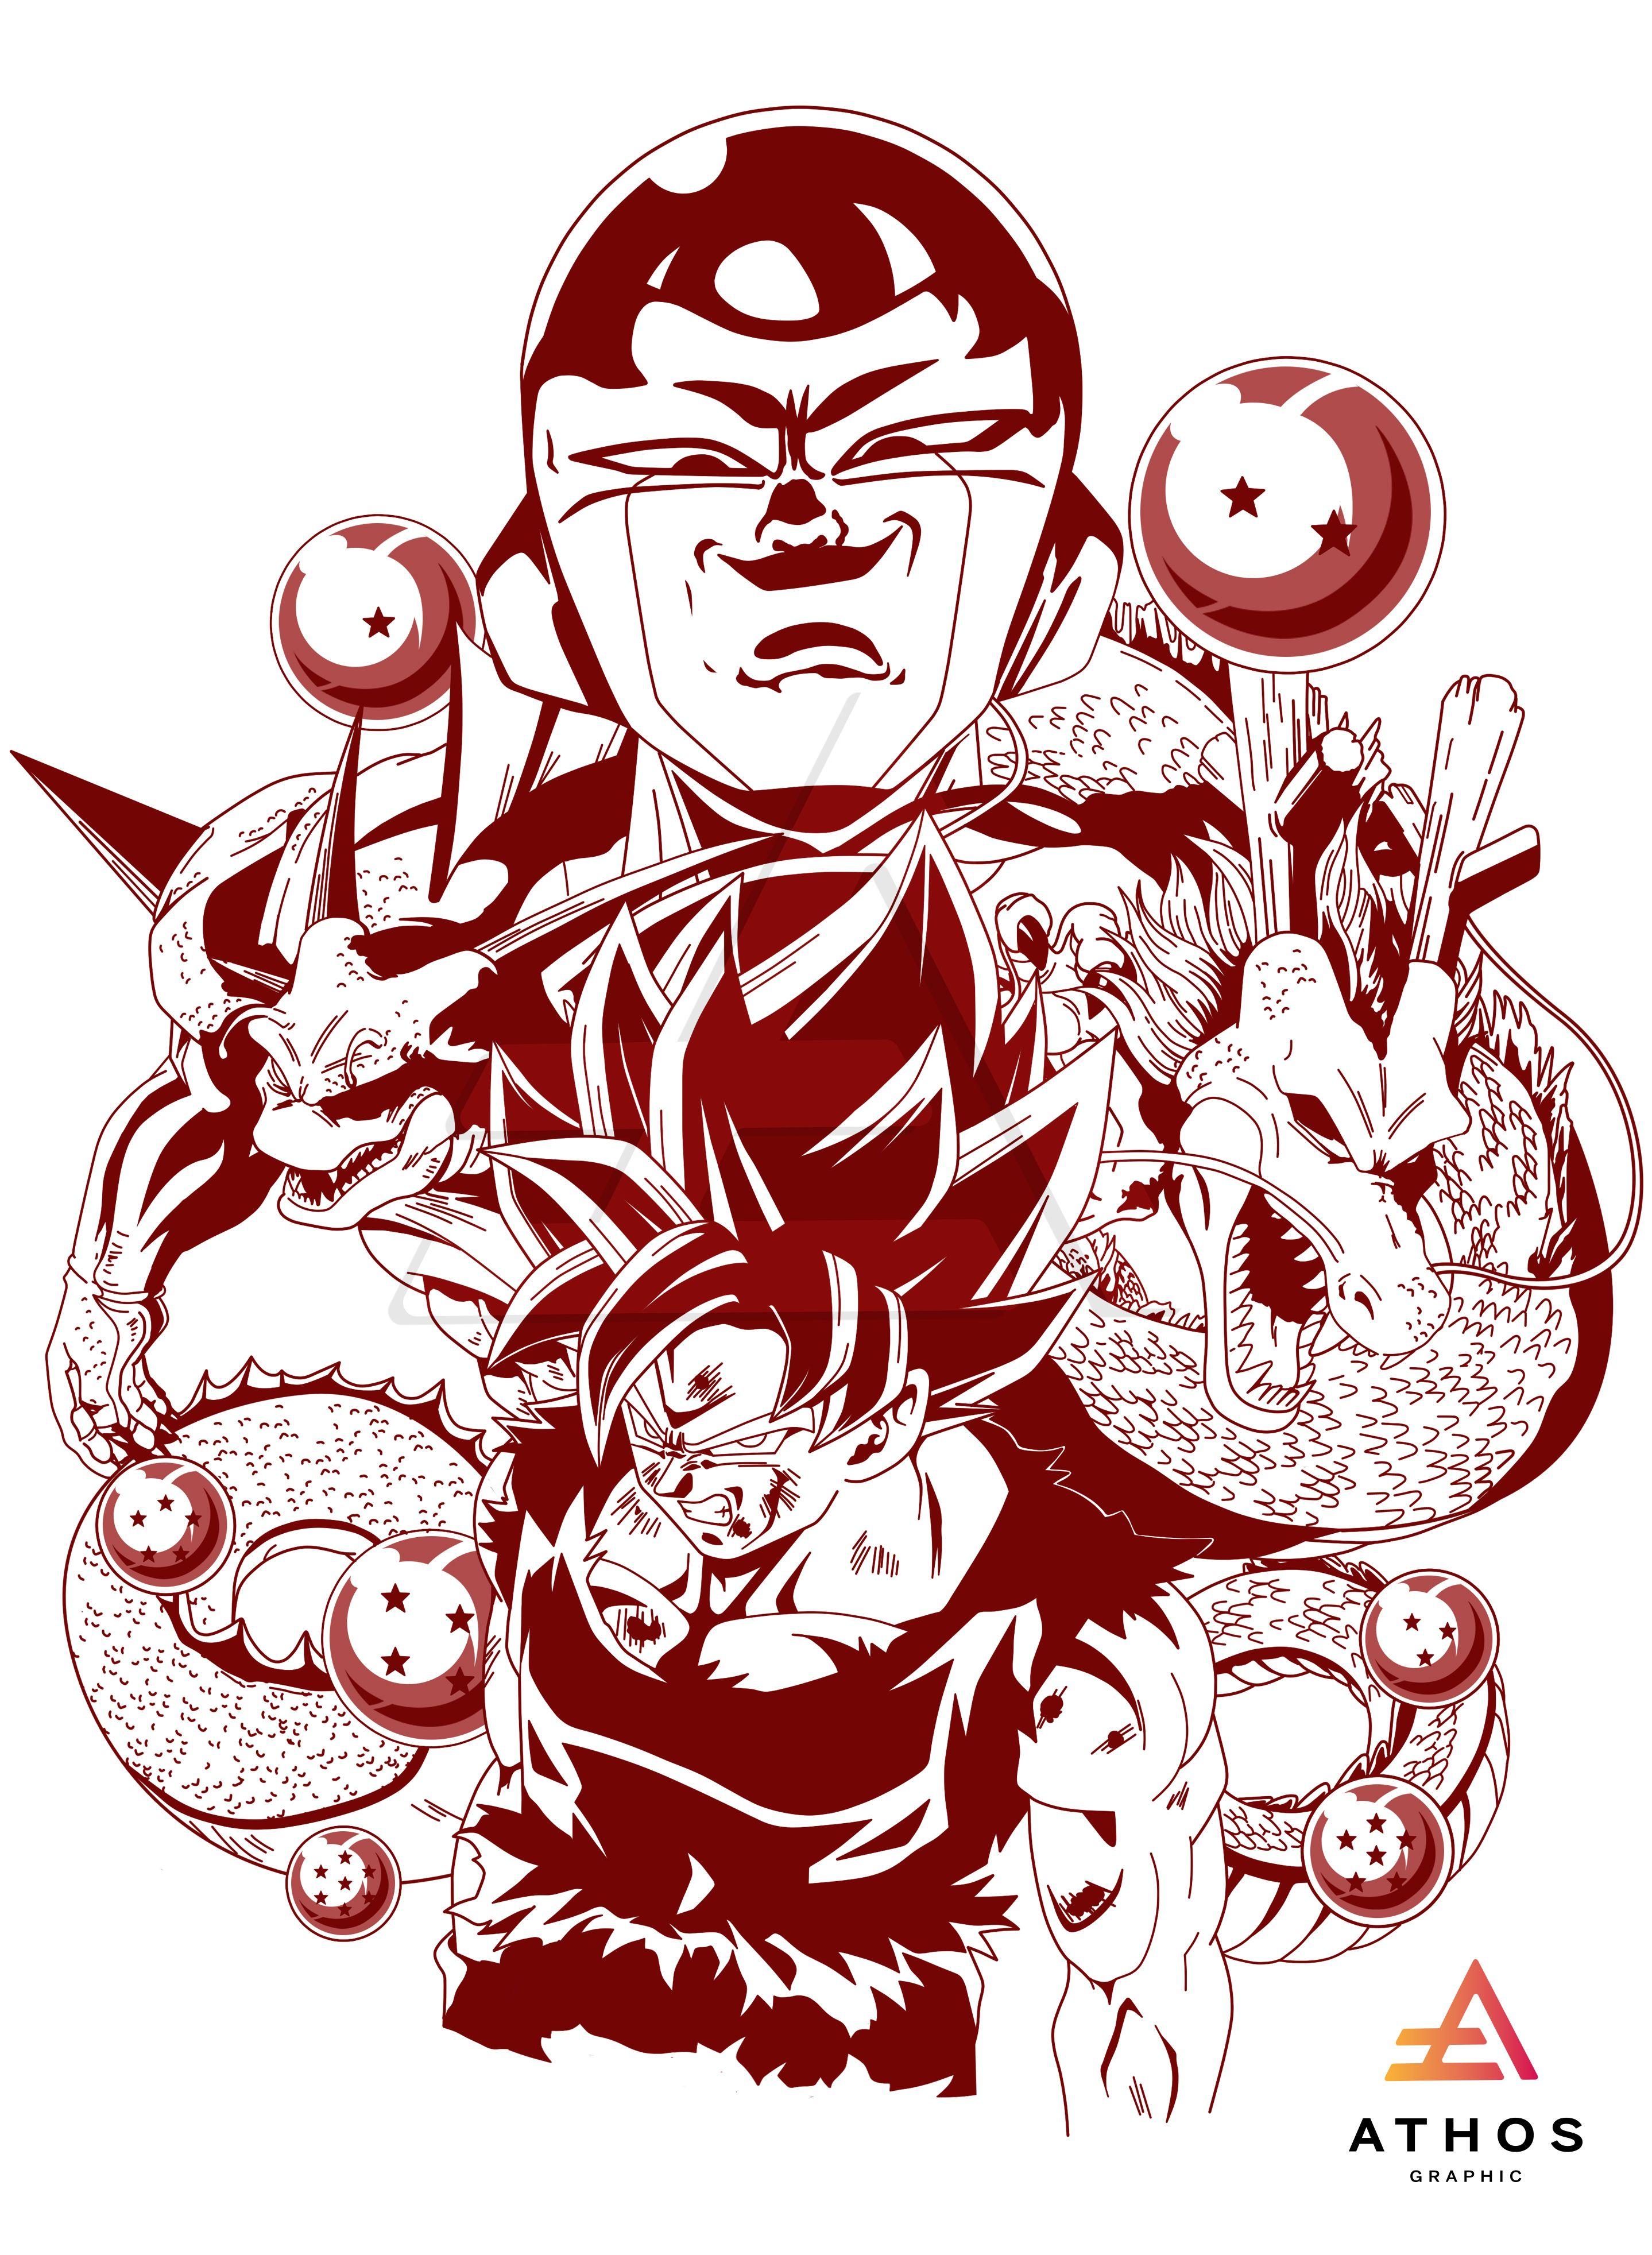 Dragon Ball Z Namek Dibujo De Goku Dragon Ball Gt Personajes De Dragon Ball